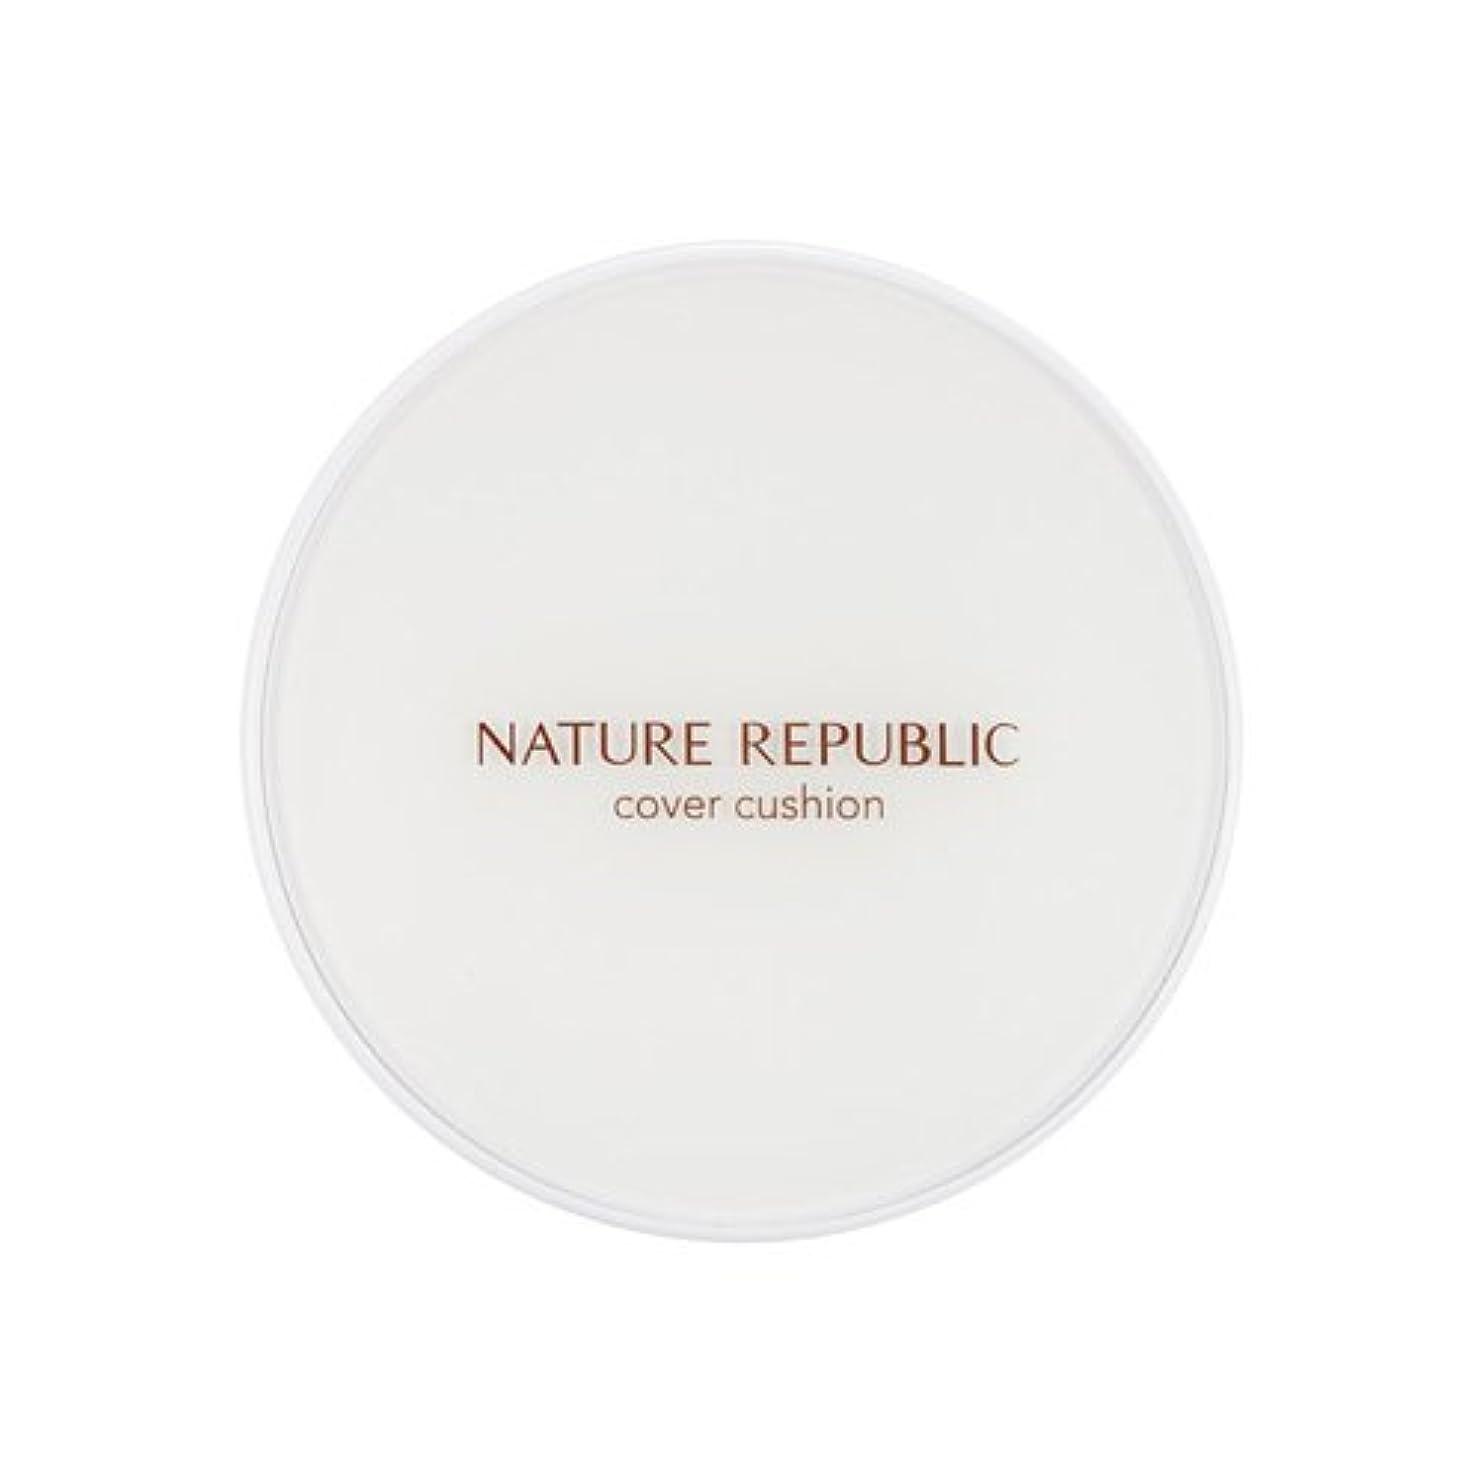 壁紙カスタム引っ張る[Outlet] NATURE REPUBLIC Nature Origin Cover Cushion (01 Light beige) (SPF50+ PA+++) [並行輸入品]